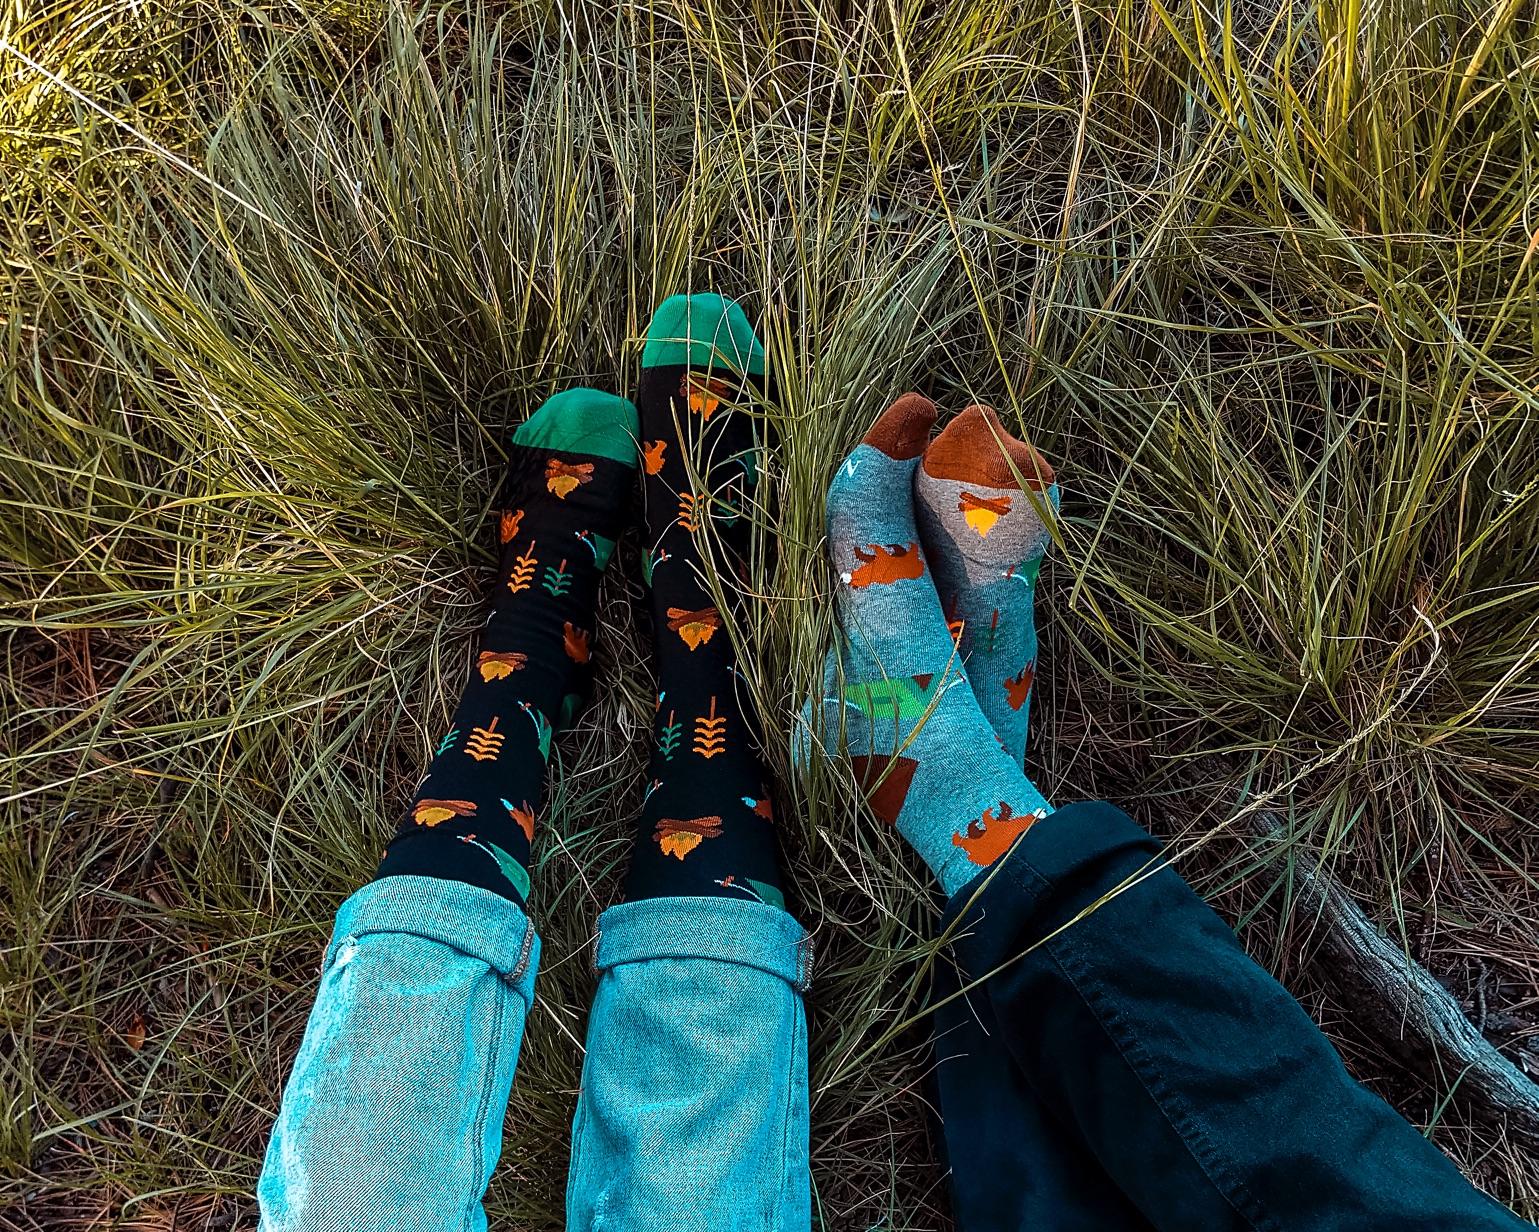 Những đôi vớ dài giữa bắp chân